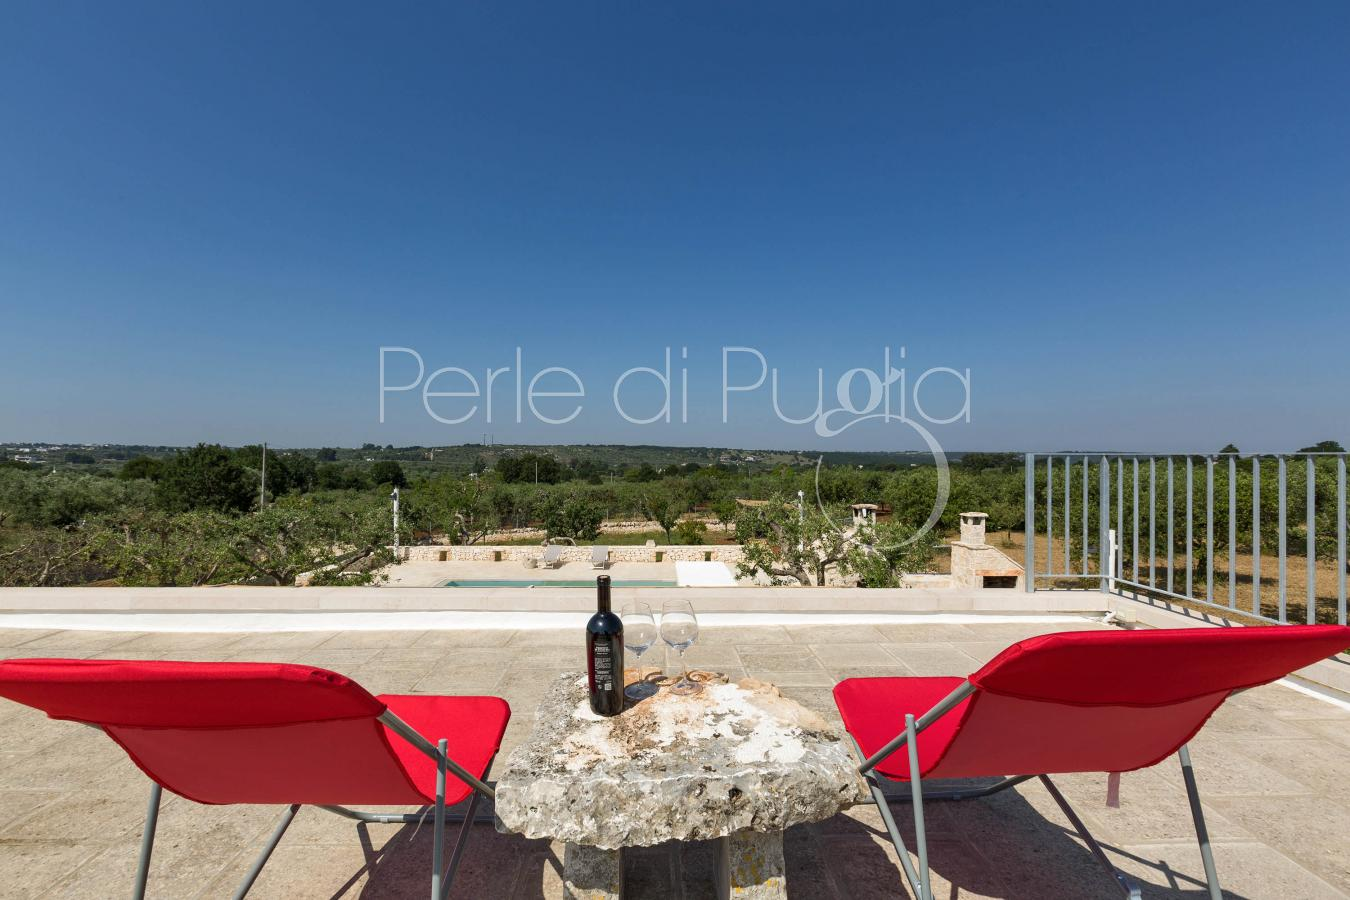 Trulli di lusso con piscina e cantina di vini ad alberobello for Piscina di lusso